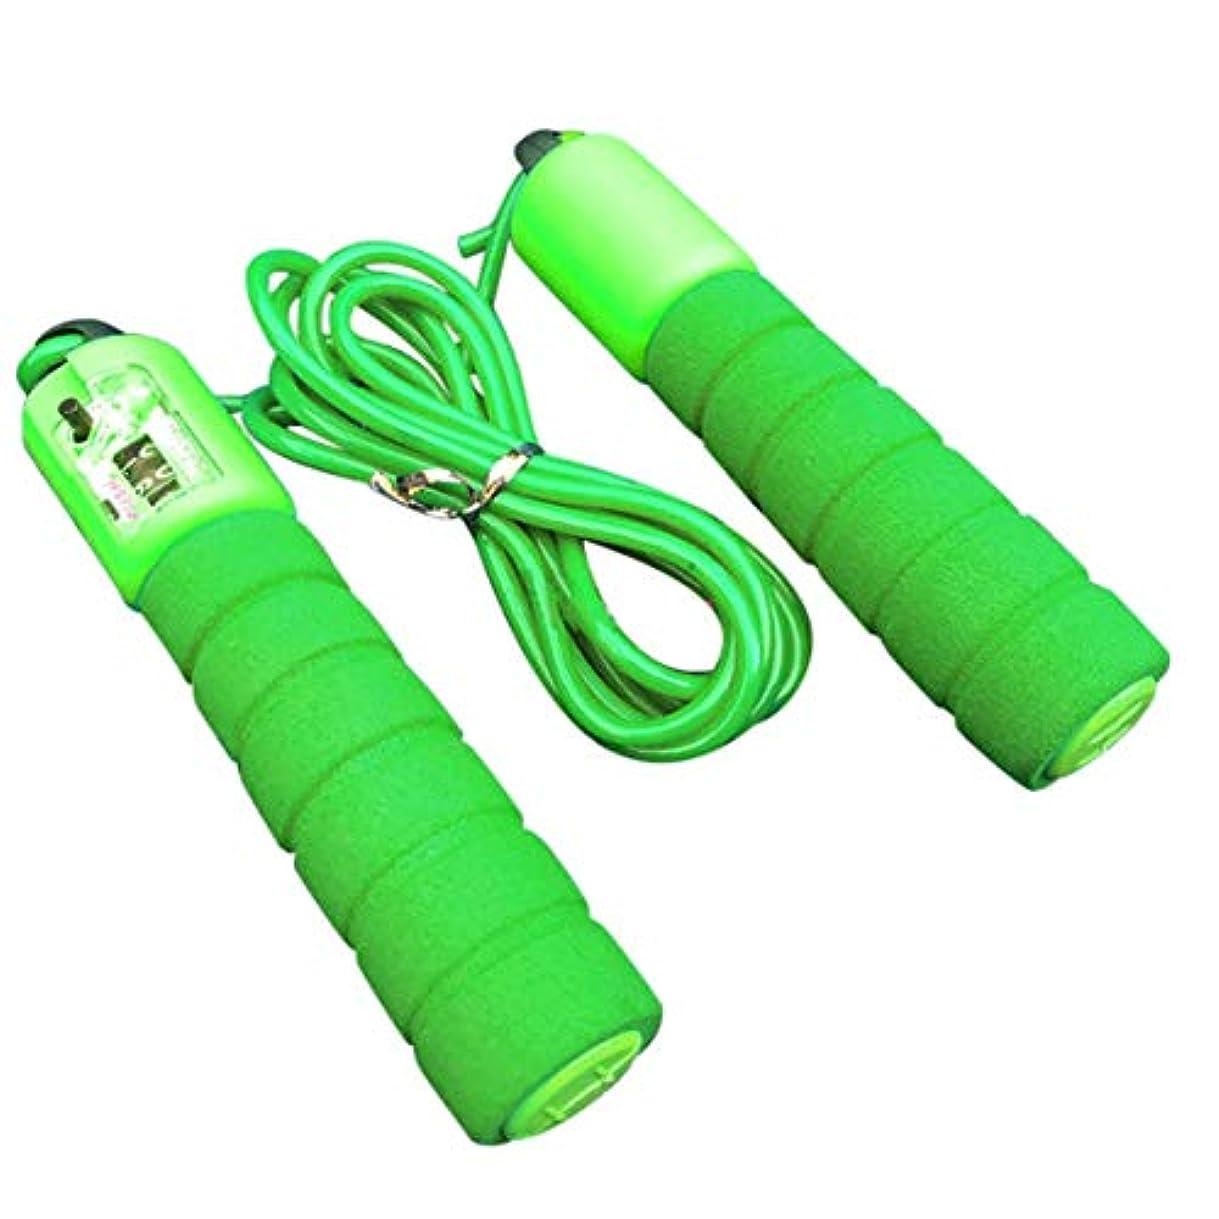 シャイニング船外遺伝的調節可能なプロフェッショナルカウント縄跳び自動カウントジャンプロープフィットネス運動高速カウントジャンプロープ - グリーン